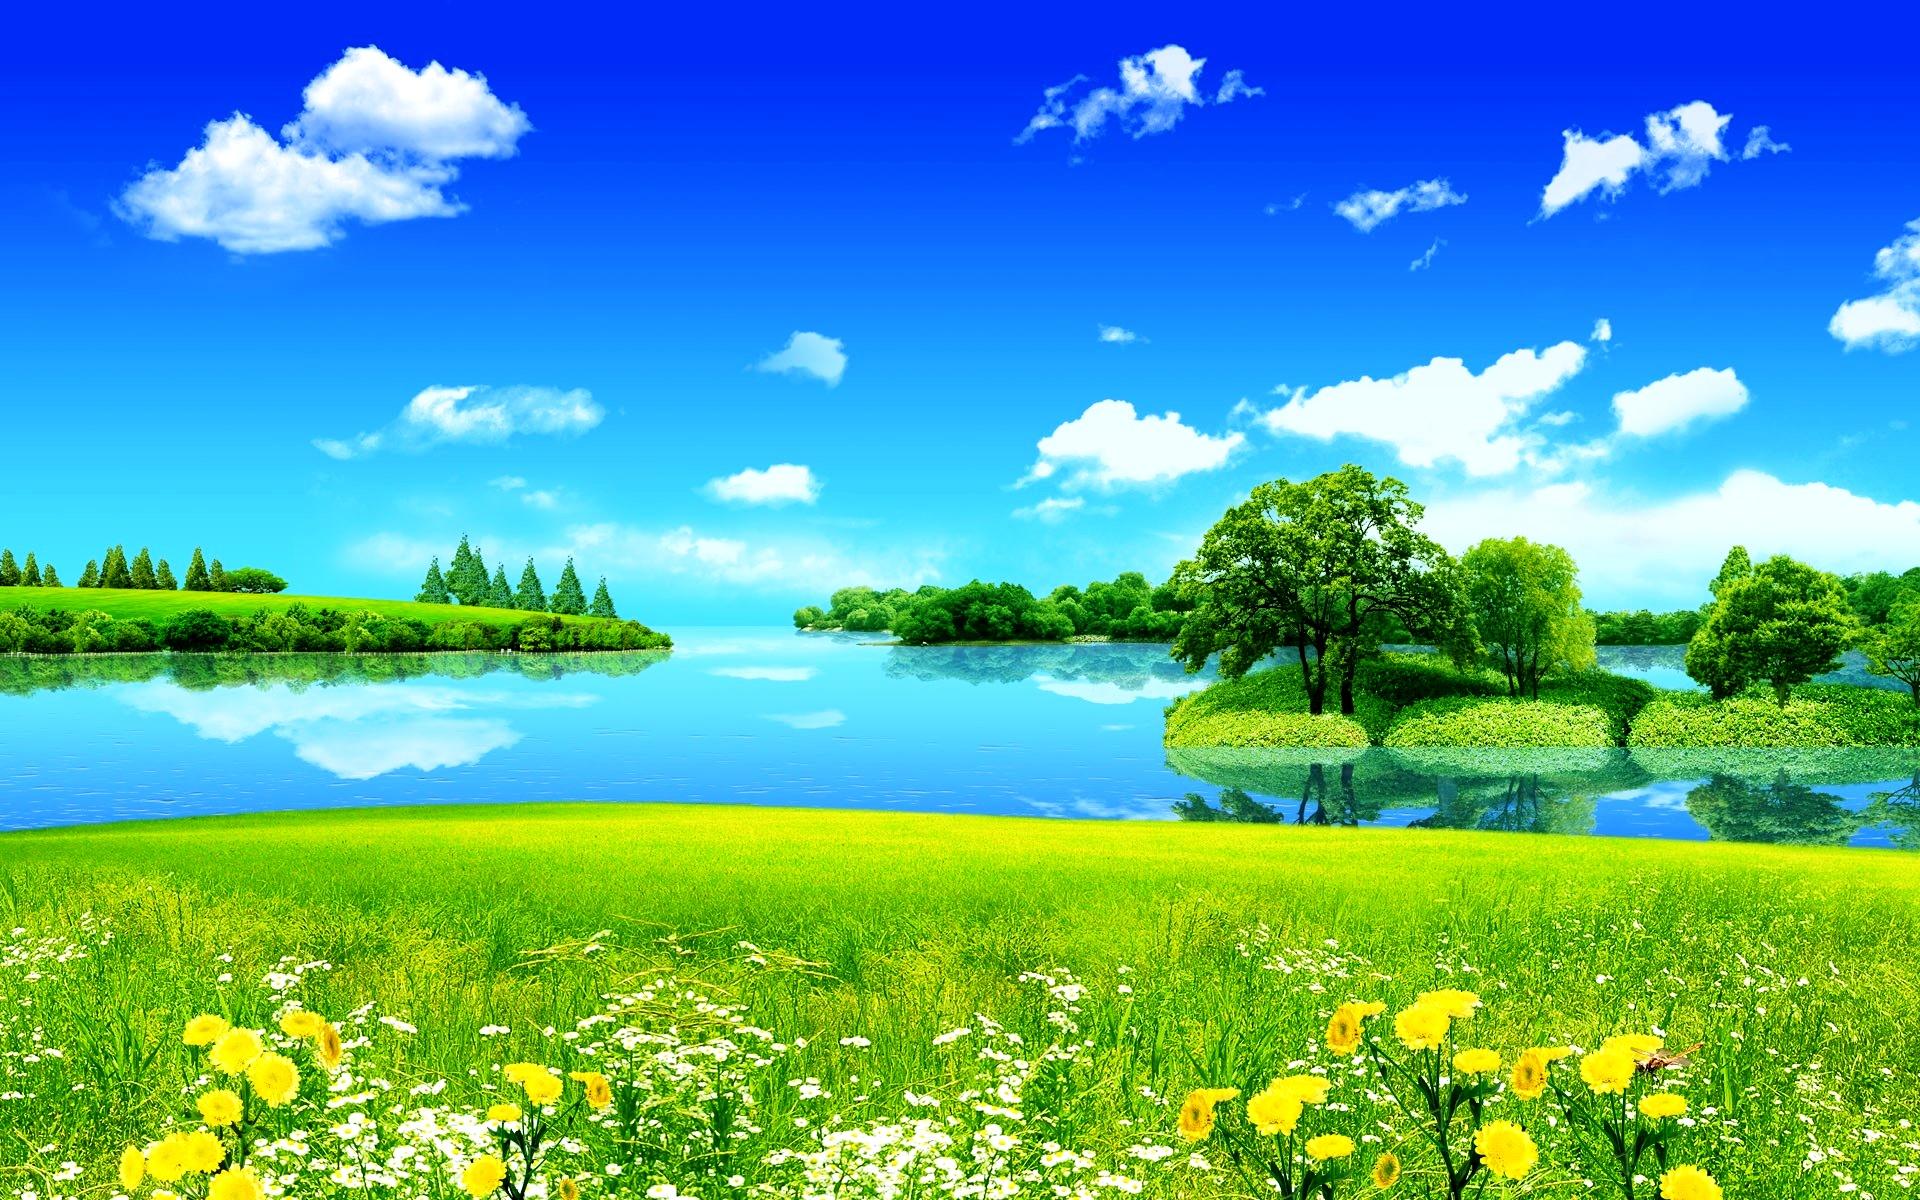 free summertime wallpaper screensavers wallpapersafari